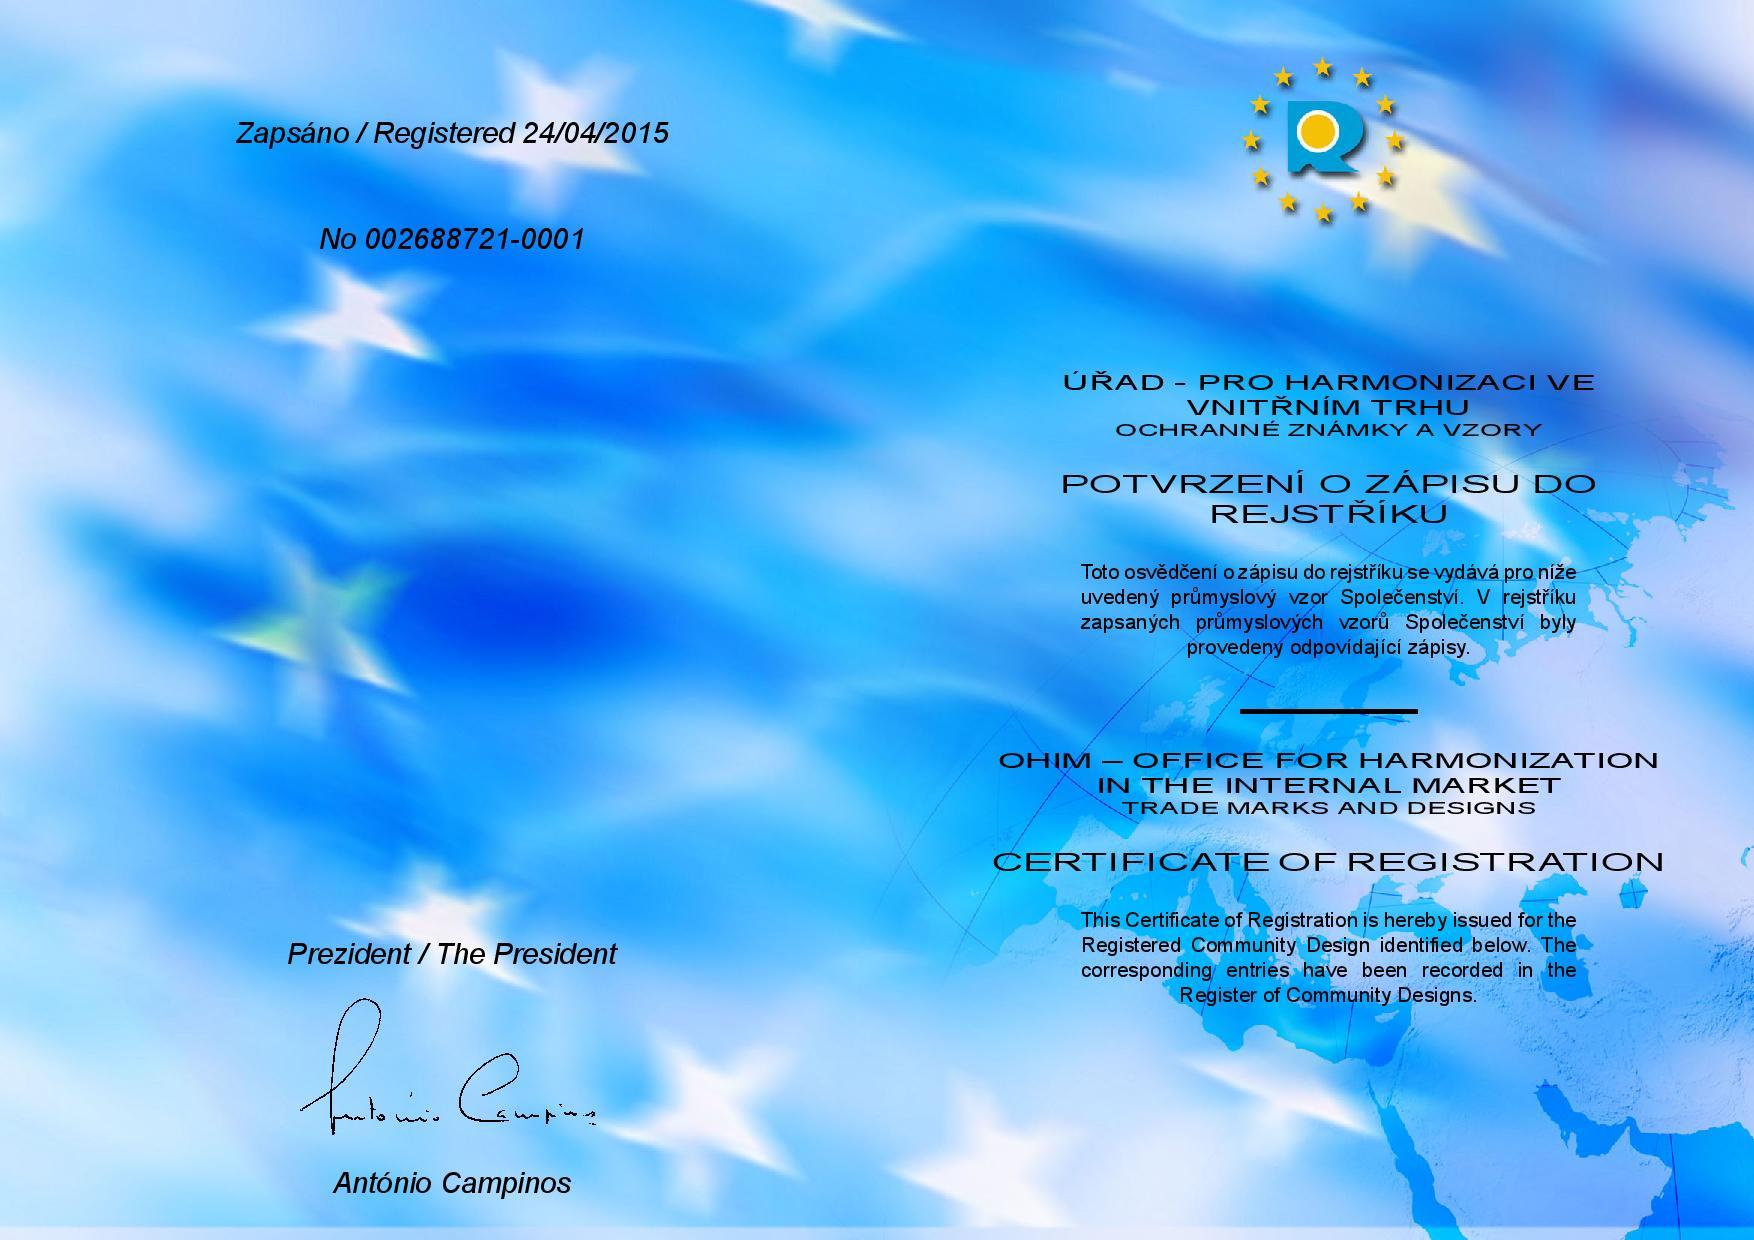 Patent_certifikát_002688721-0001-page-001